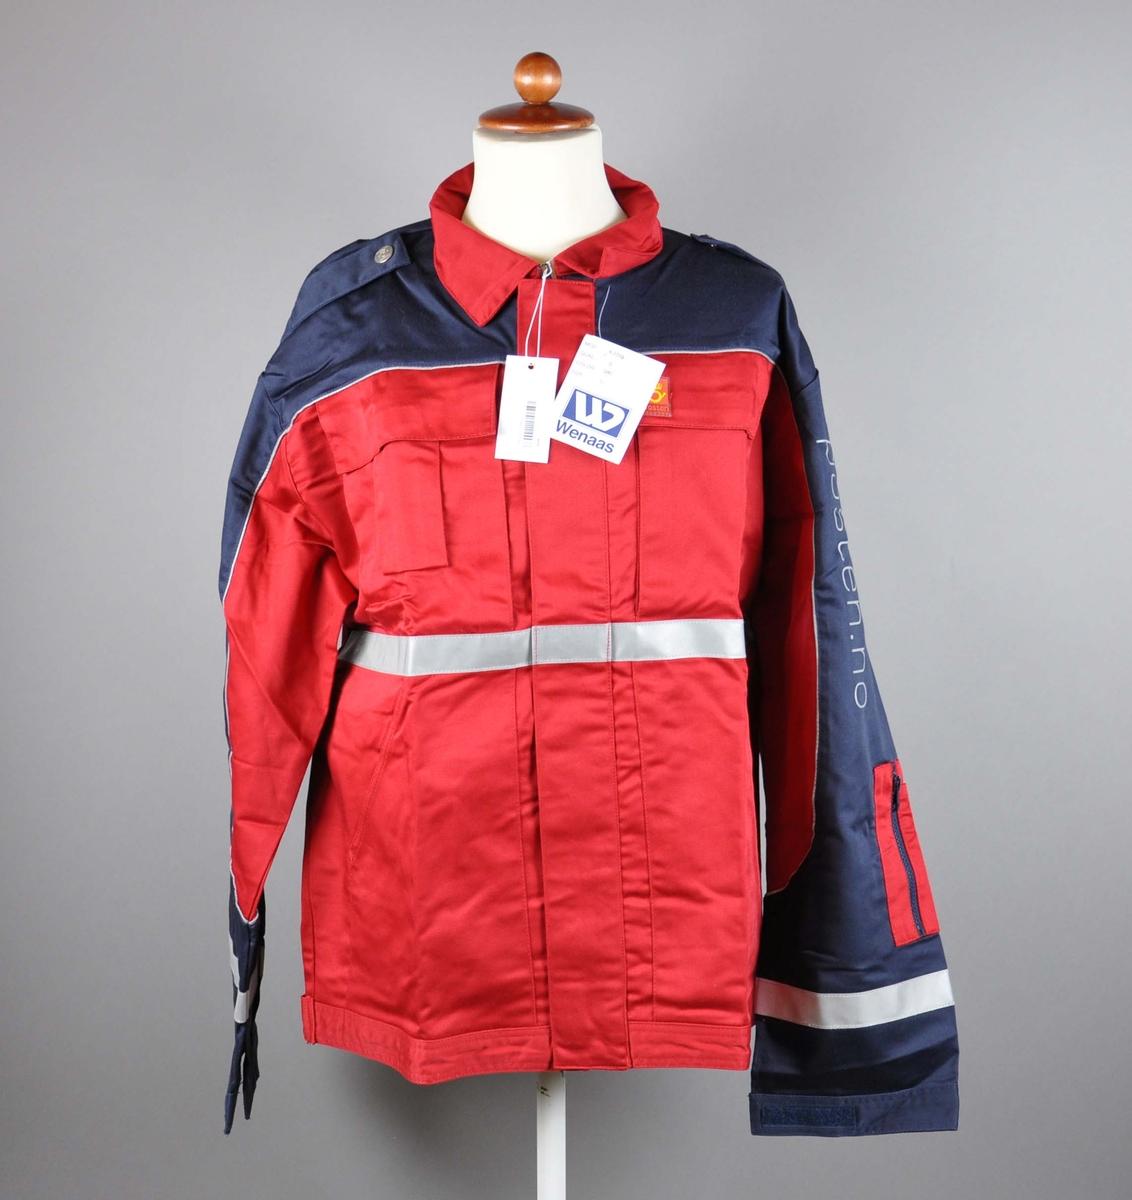 Rød uniformsjakke med postlogo. 4 lommer + lomme for mobil og for penner. Refleksbånd på ermer og liv. Skulderklaffer med knapper med posthorn.  Størrelse 50.